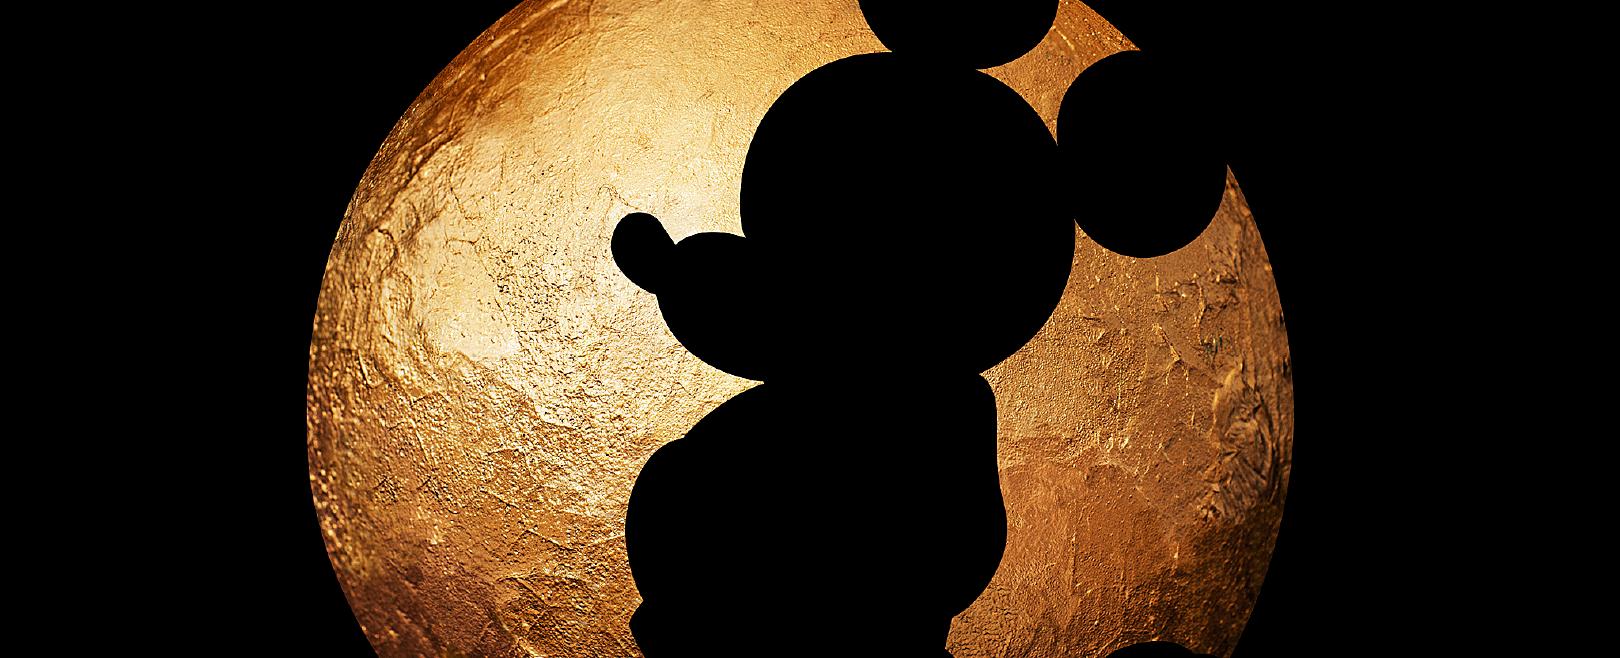 迪士尼黑皮月饼